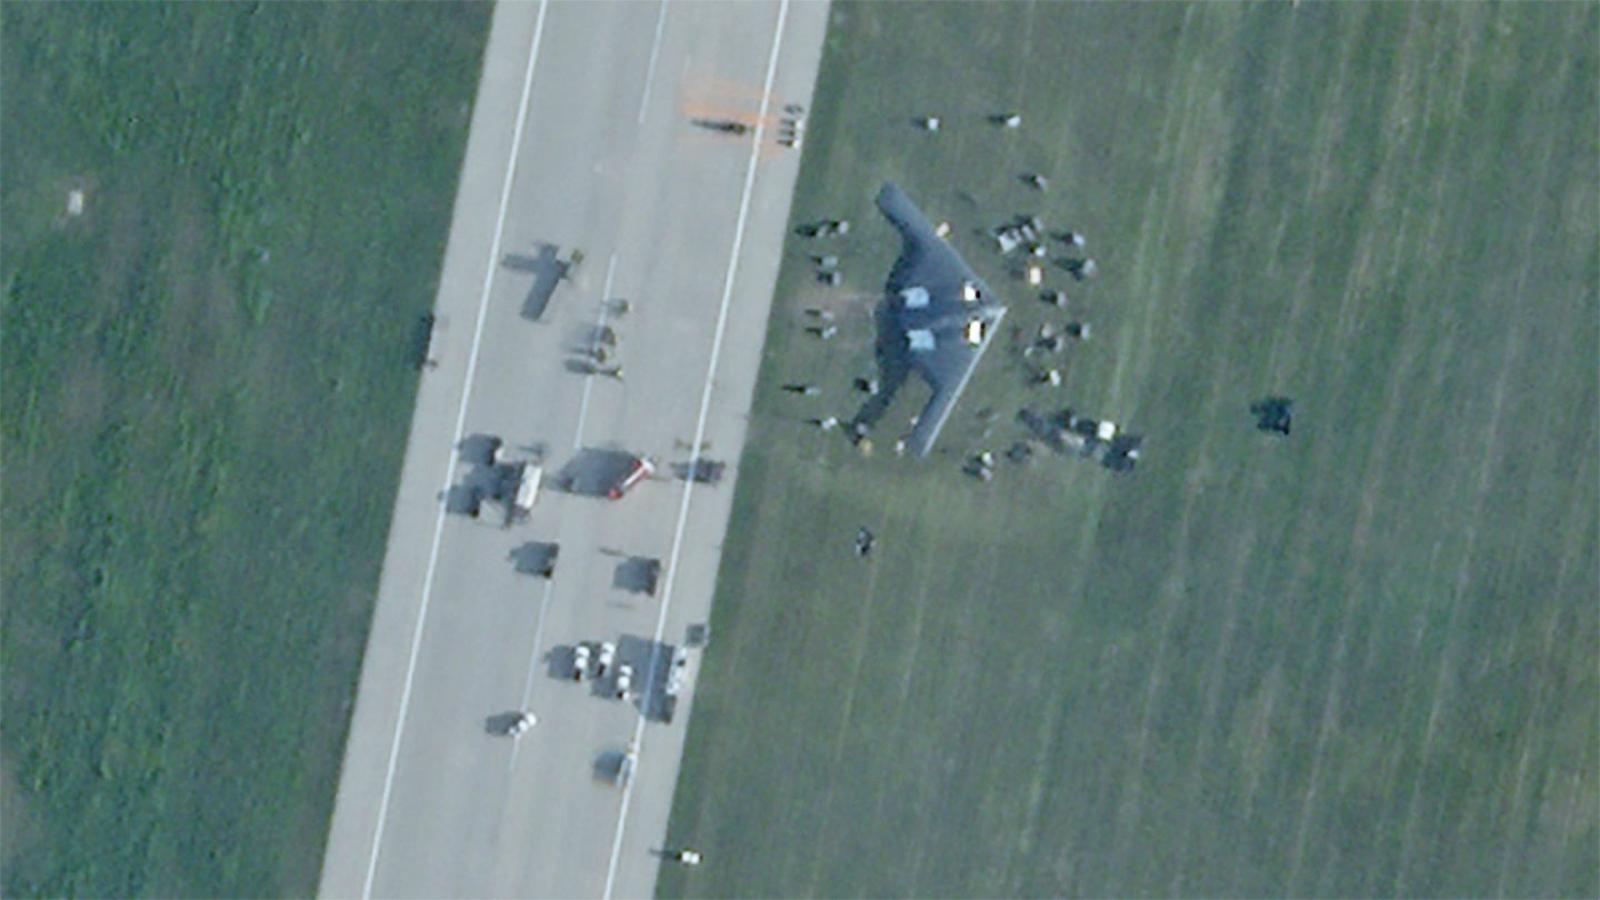 Oanh tạc cơ B2 của Mỹ hư hỏng nghiêm trọng sau cú hạ cánh khẩn cấp lệch đường băng